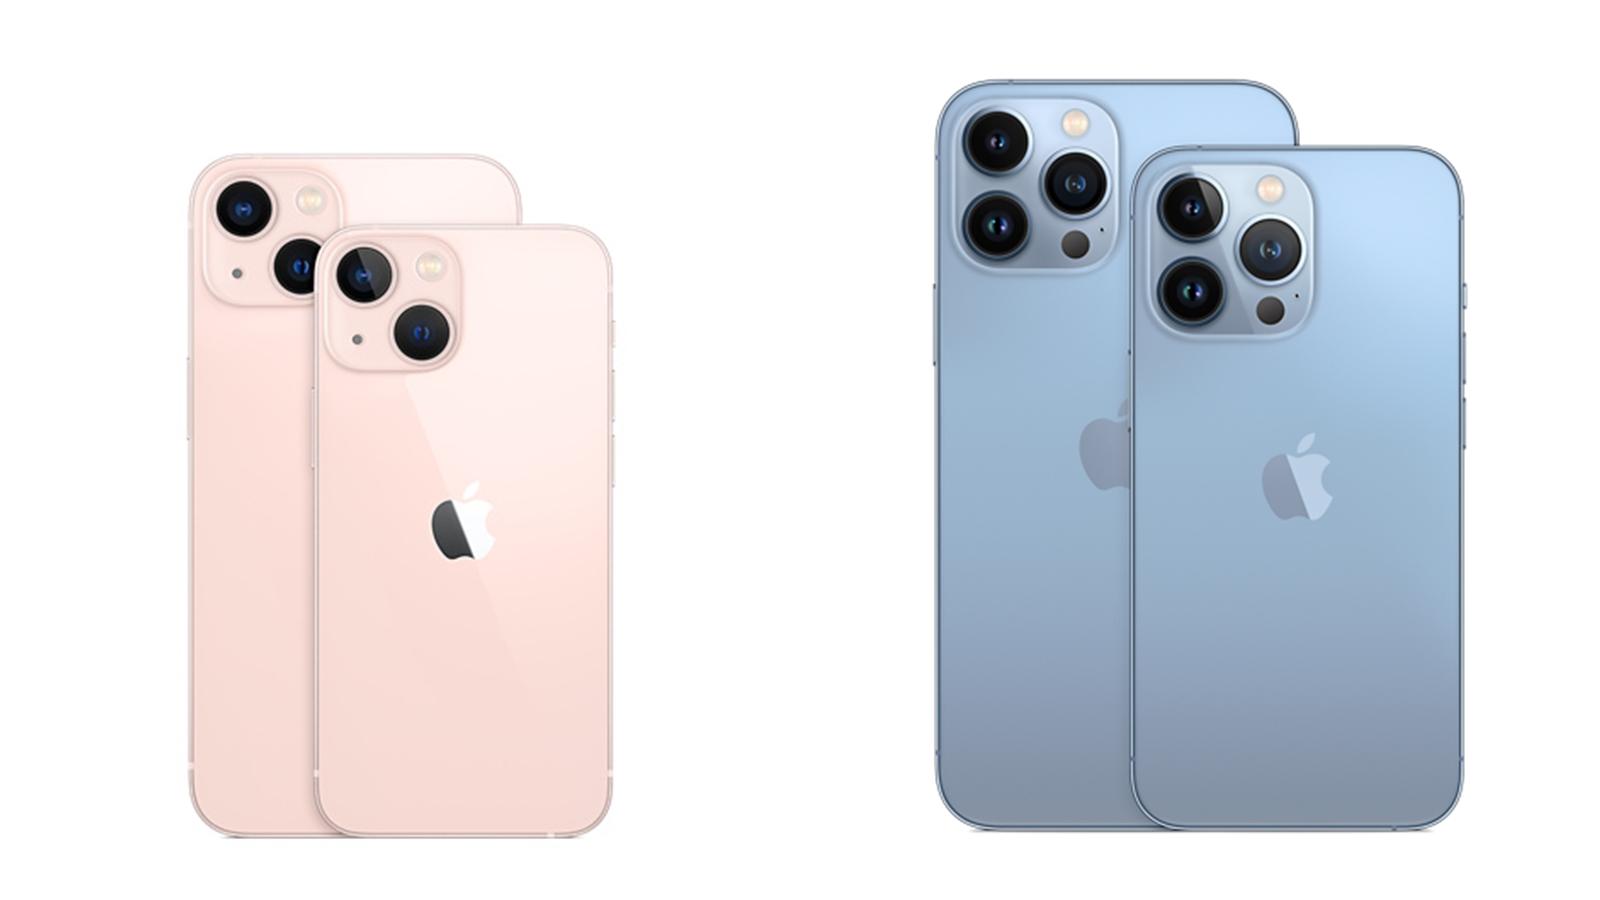 【機型比較】iPhone 13全系列大PK!4款外觀規格差異一次看!